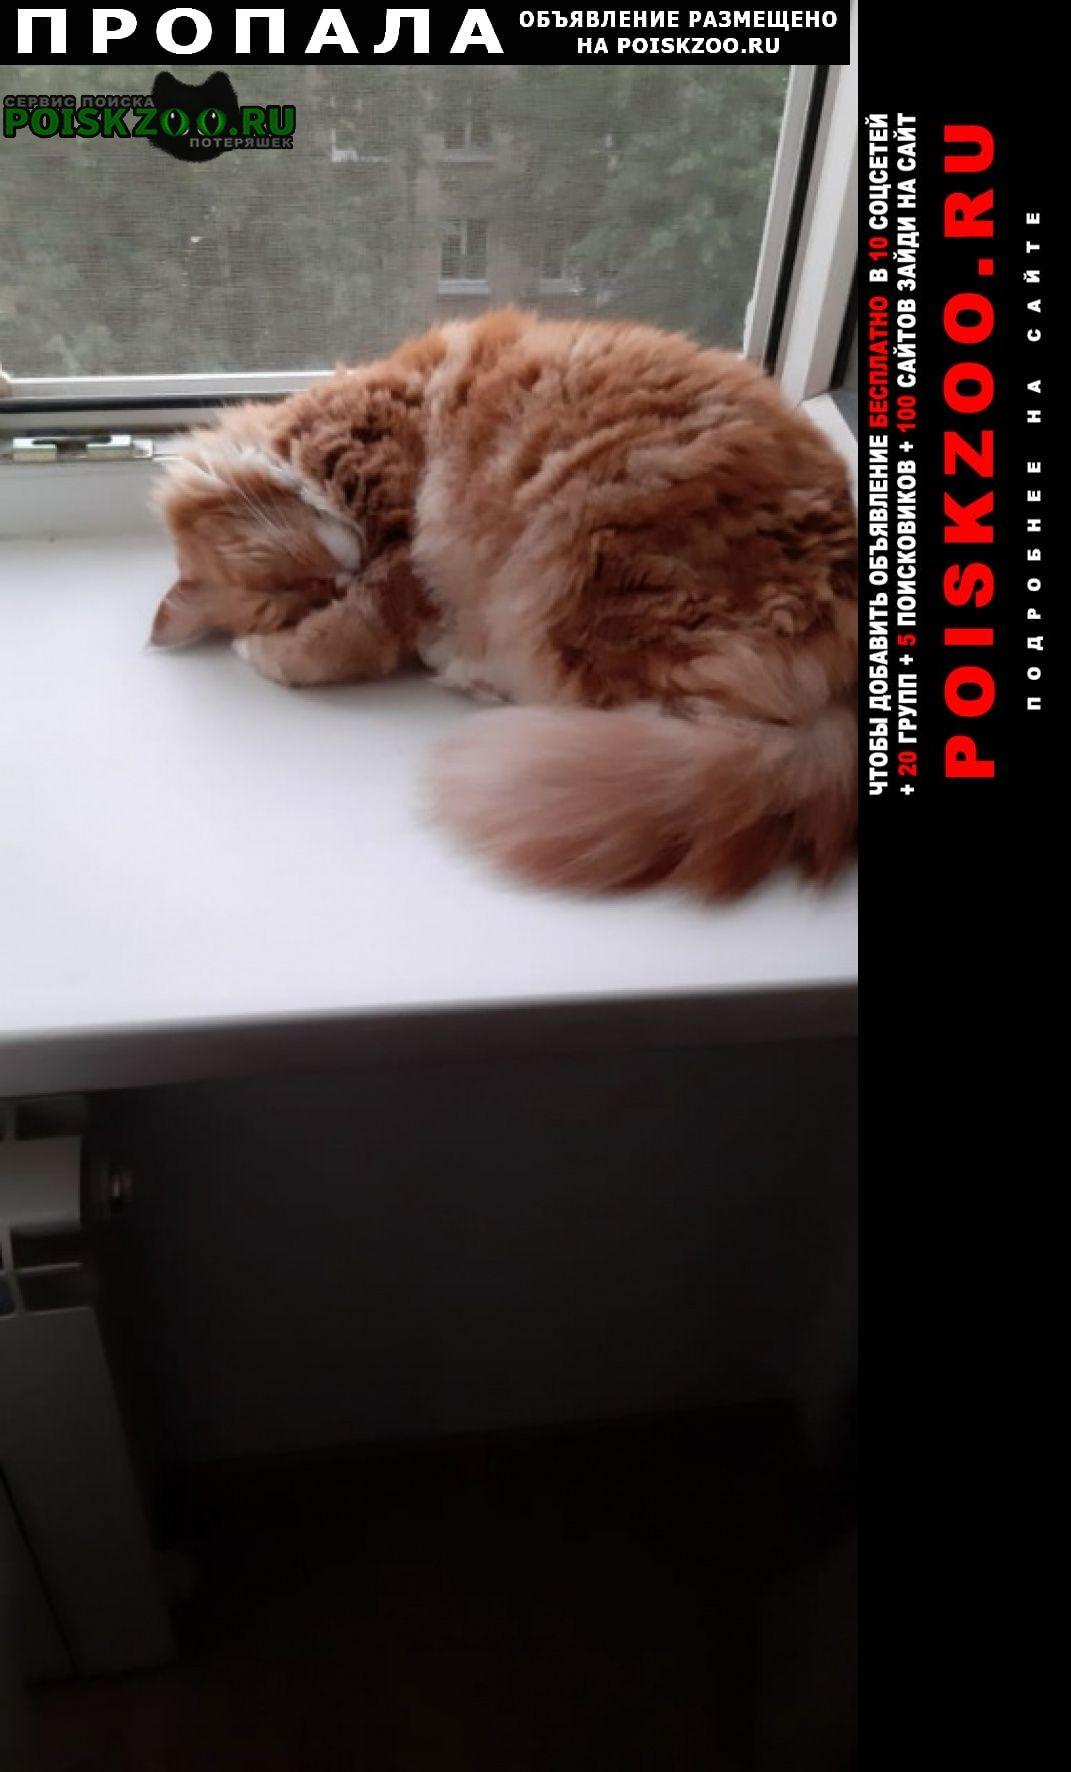 Пропала кошка пожалуйста, помогите найти нашу любимицу Санкт-Петербург